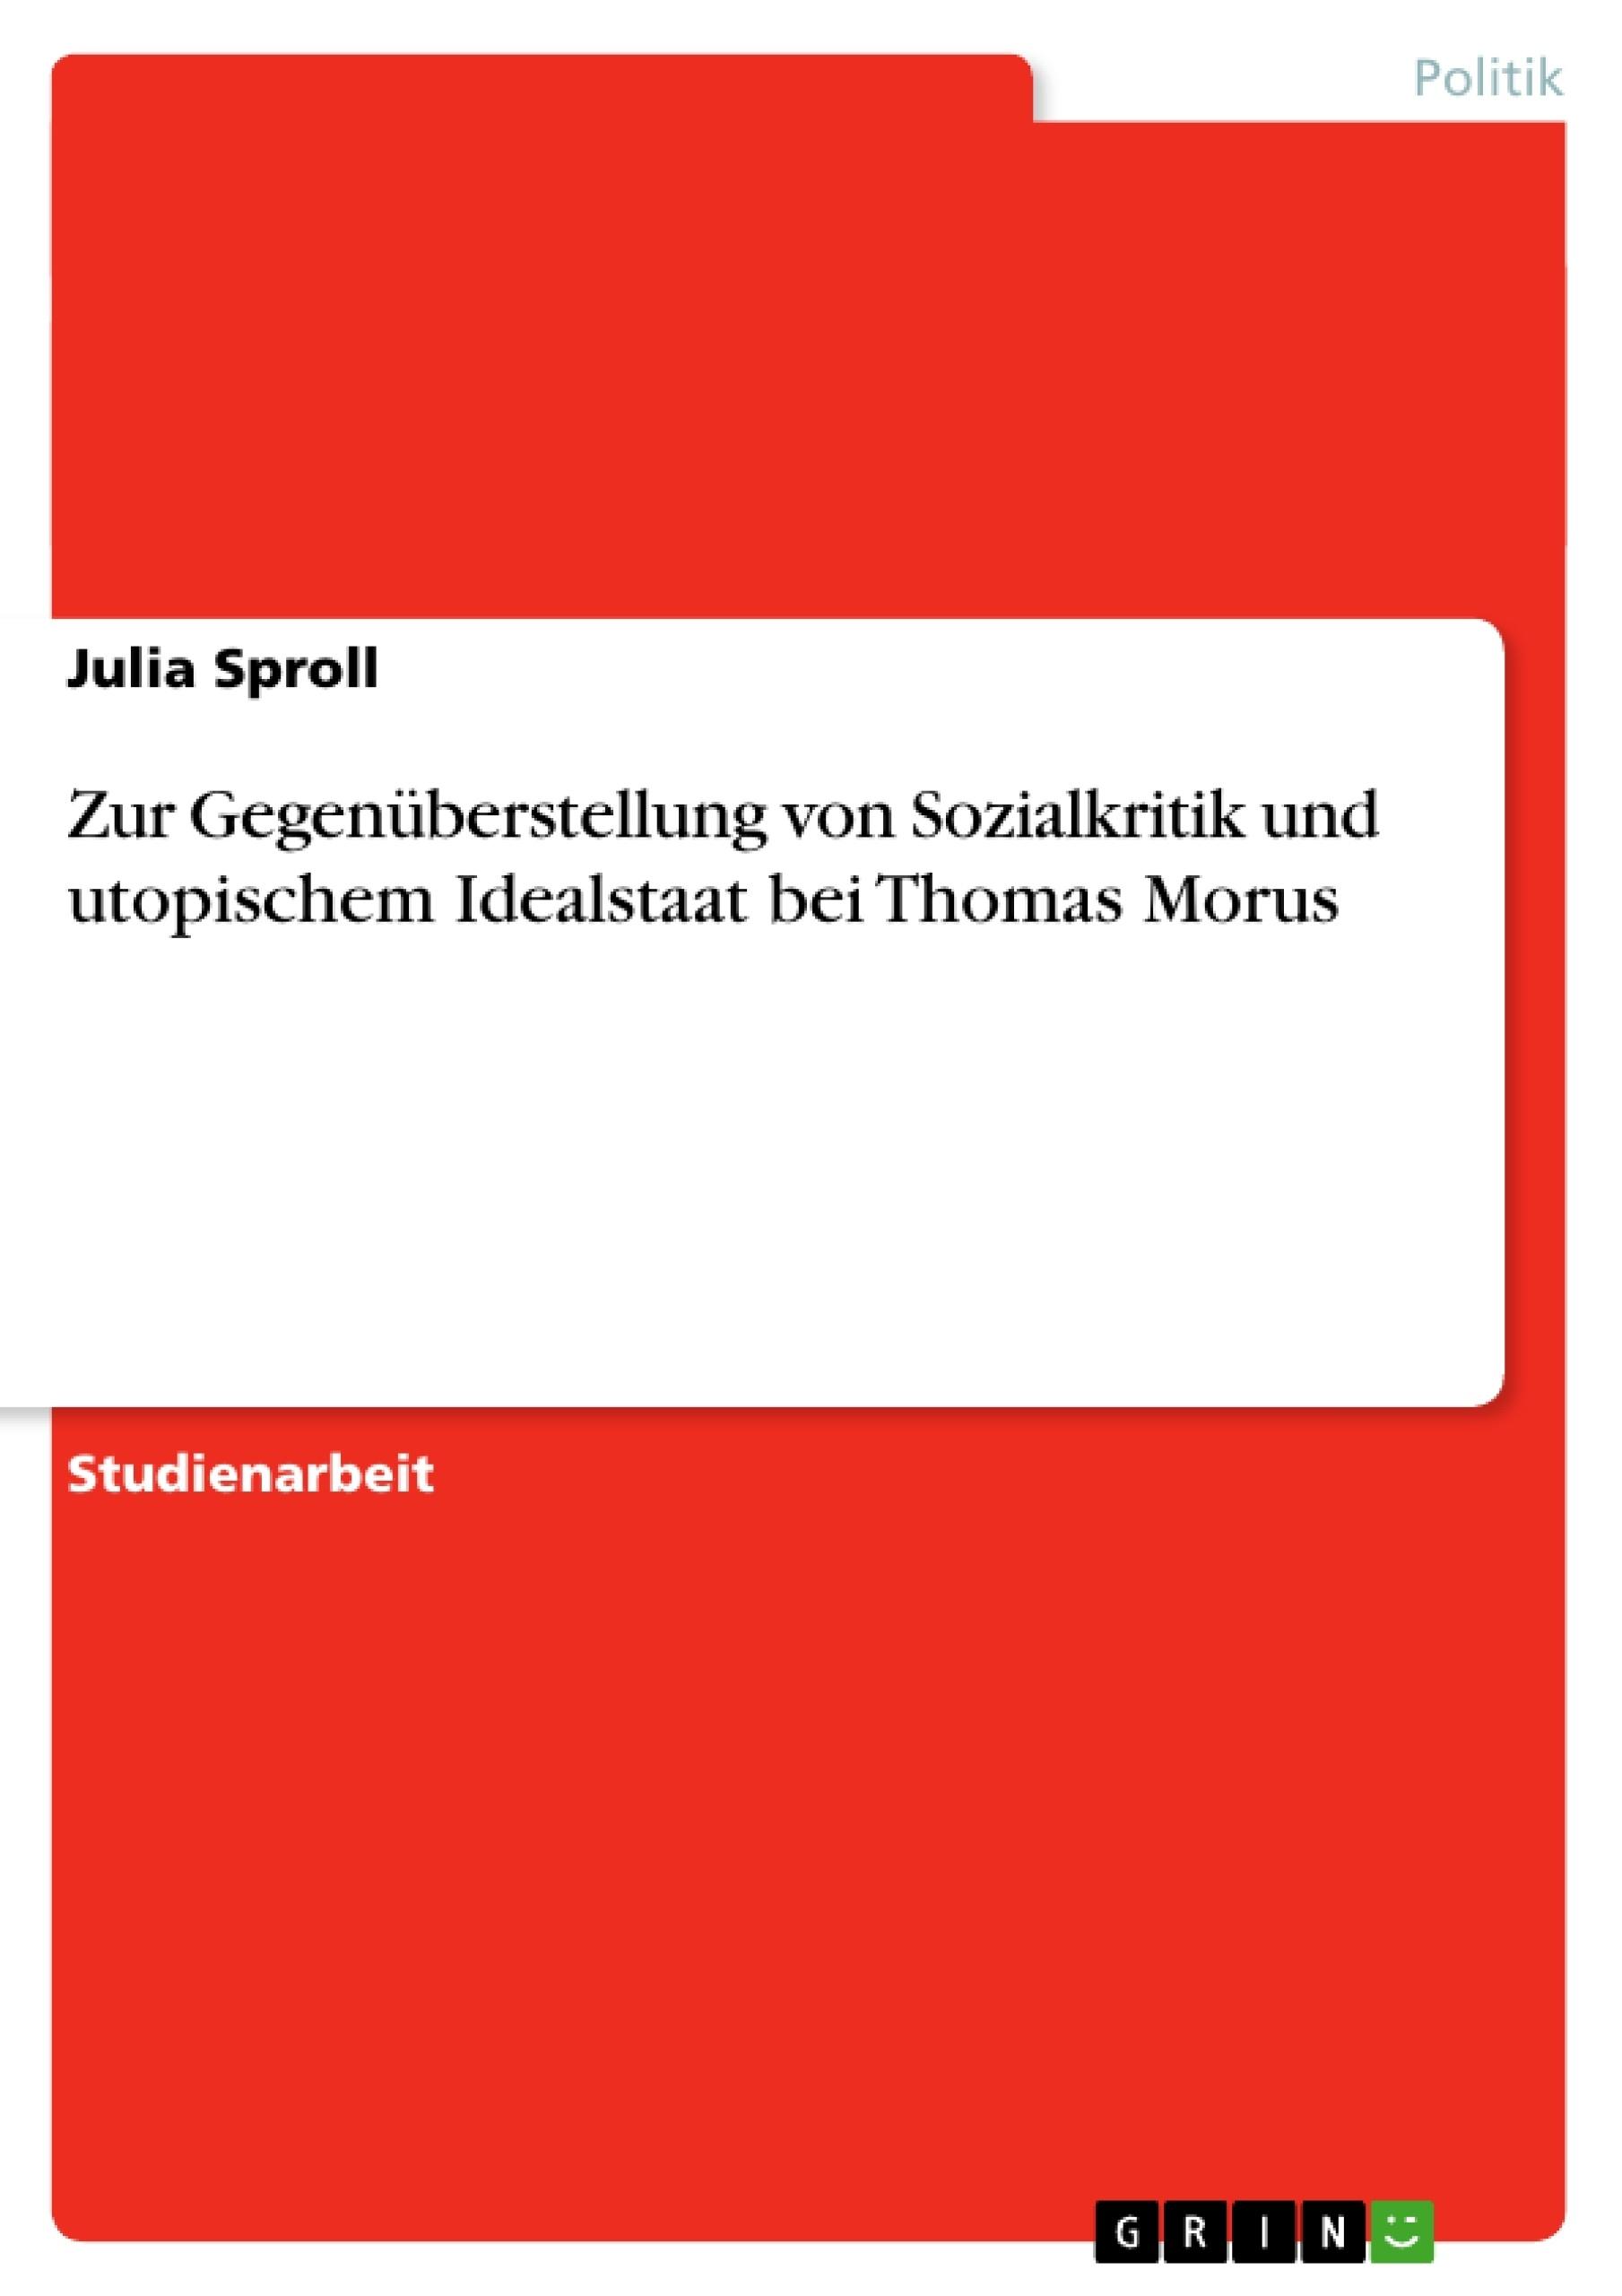 Titel: Zur Gegenüberstellung von Sozialkritik und utopischem Idealstaat bei Thomas Morus